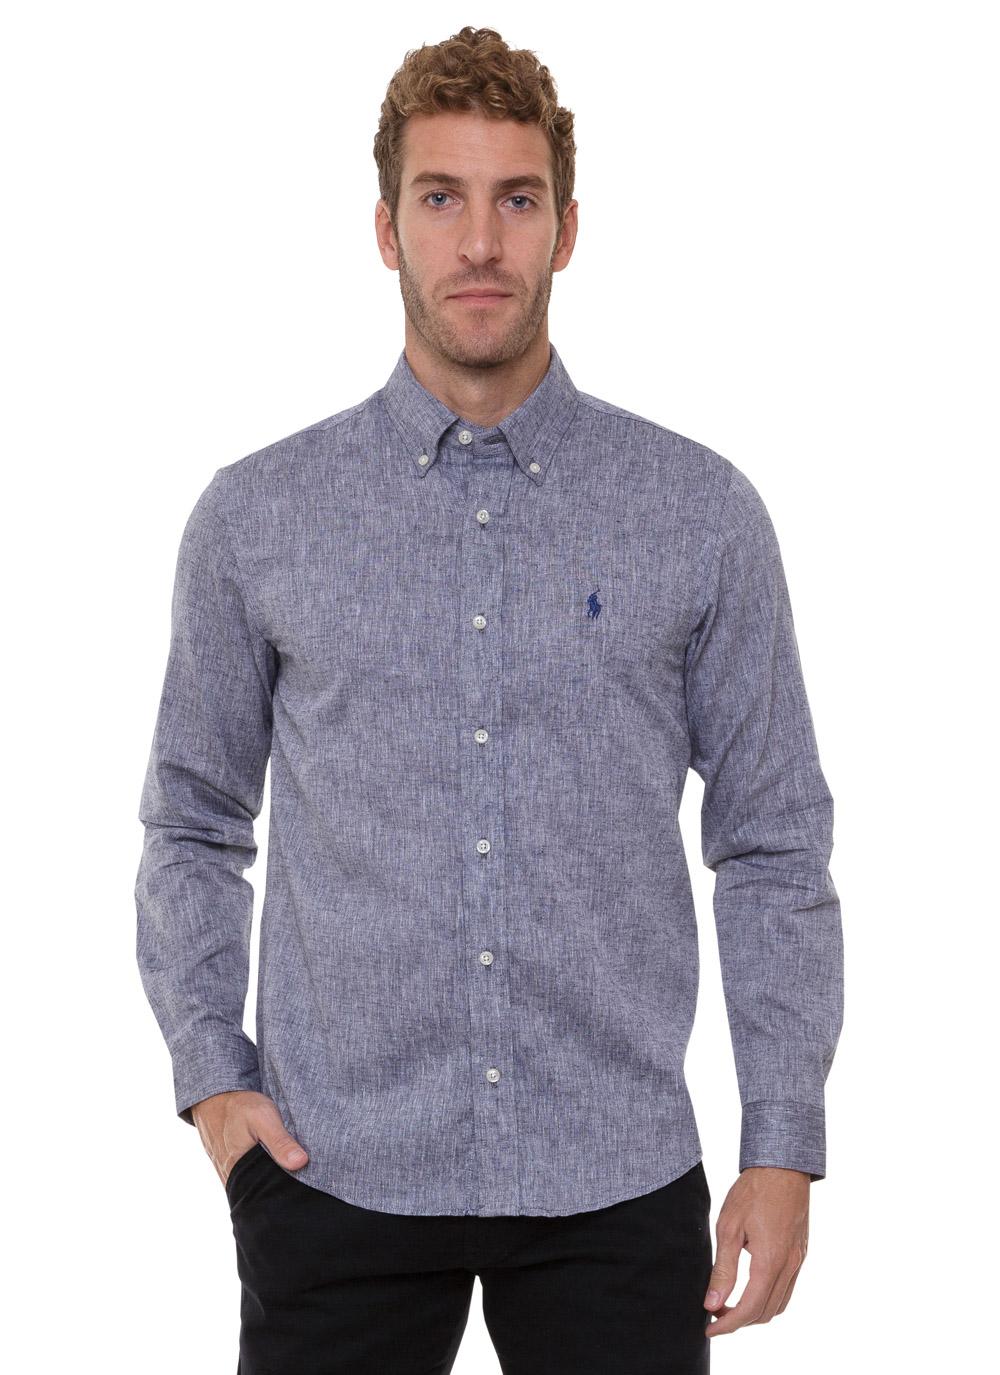 Camisa Ralph Lauren Masculina Custom Fit Lightweight Linho Cinza